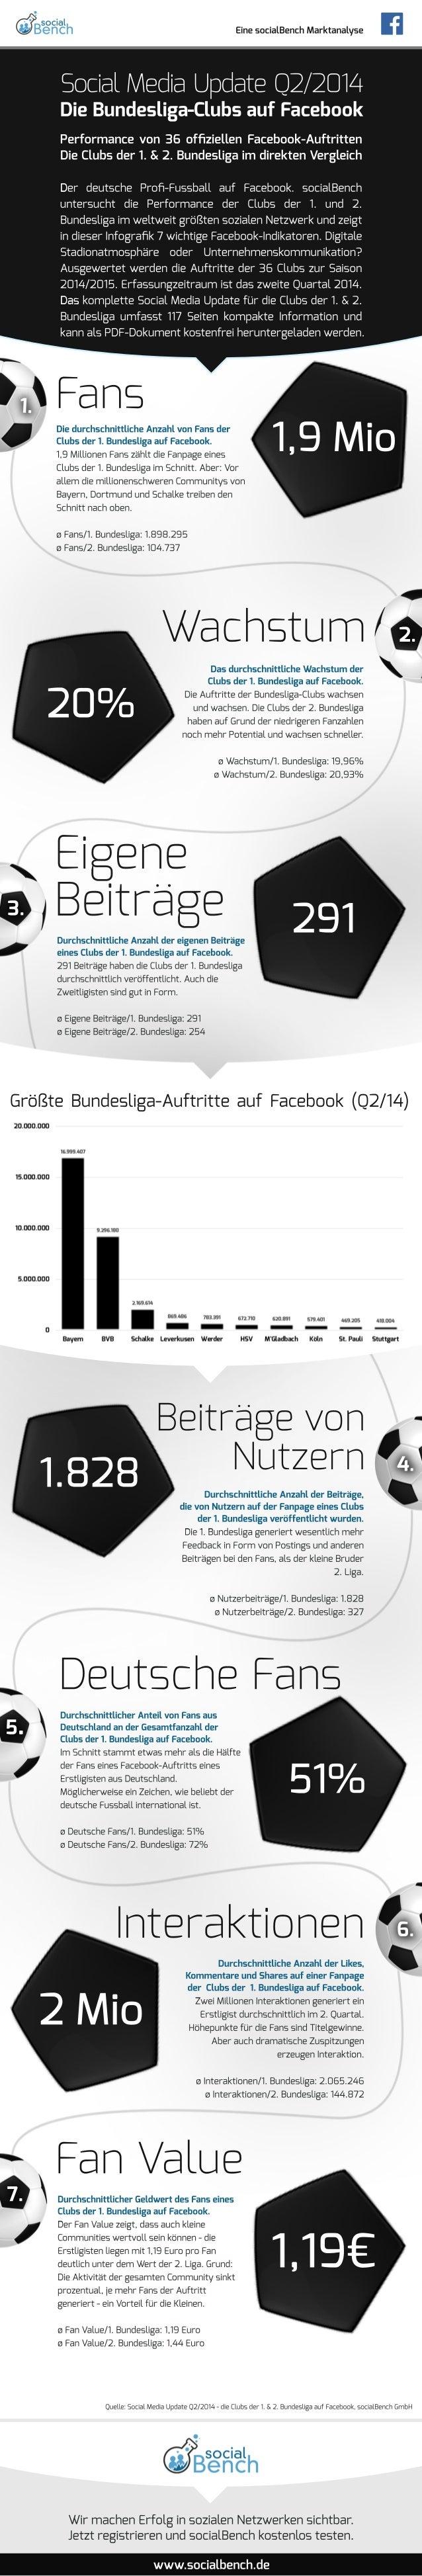 Eine socialBench Marktanalyse  Social Media Update Q2/2014  Die Bundesliga-Clubs auf Facebook  Performance von 36 offiziel...